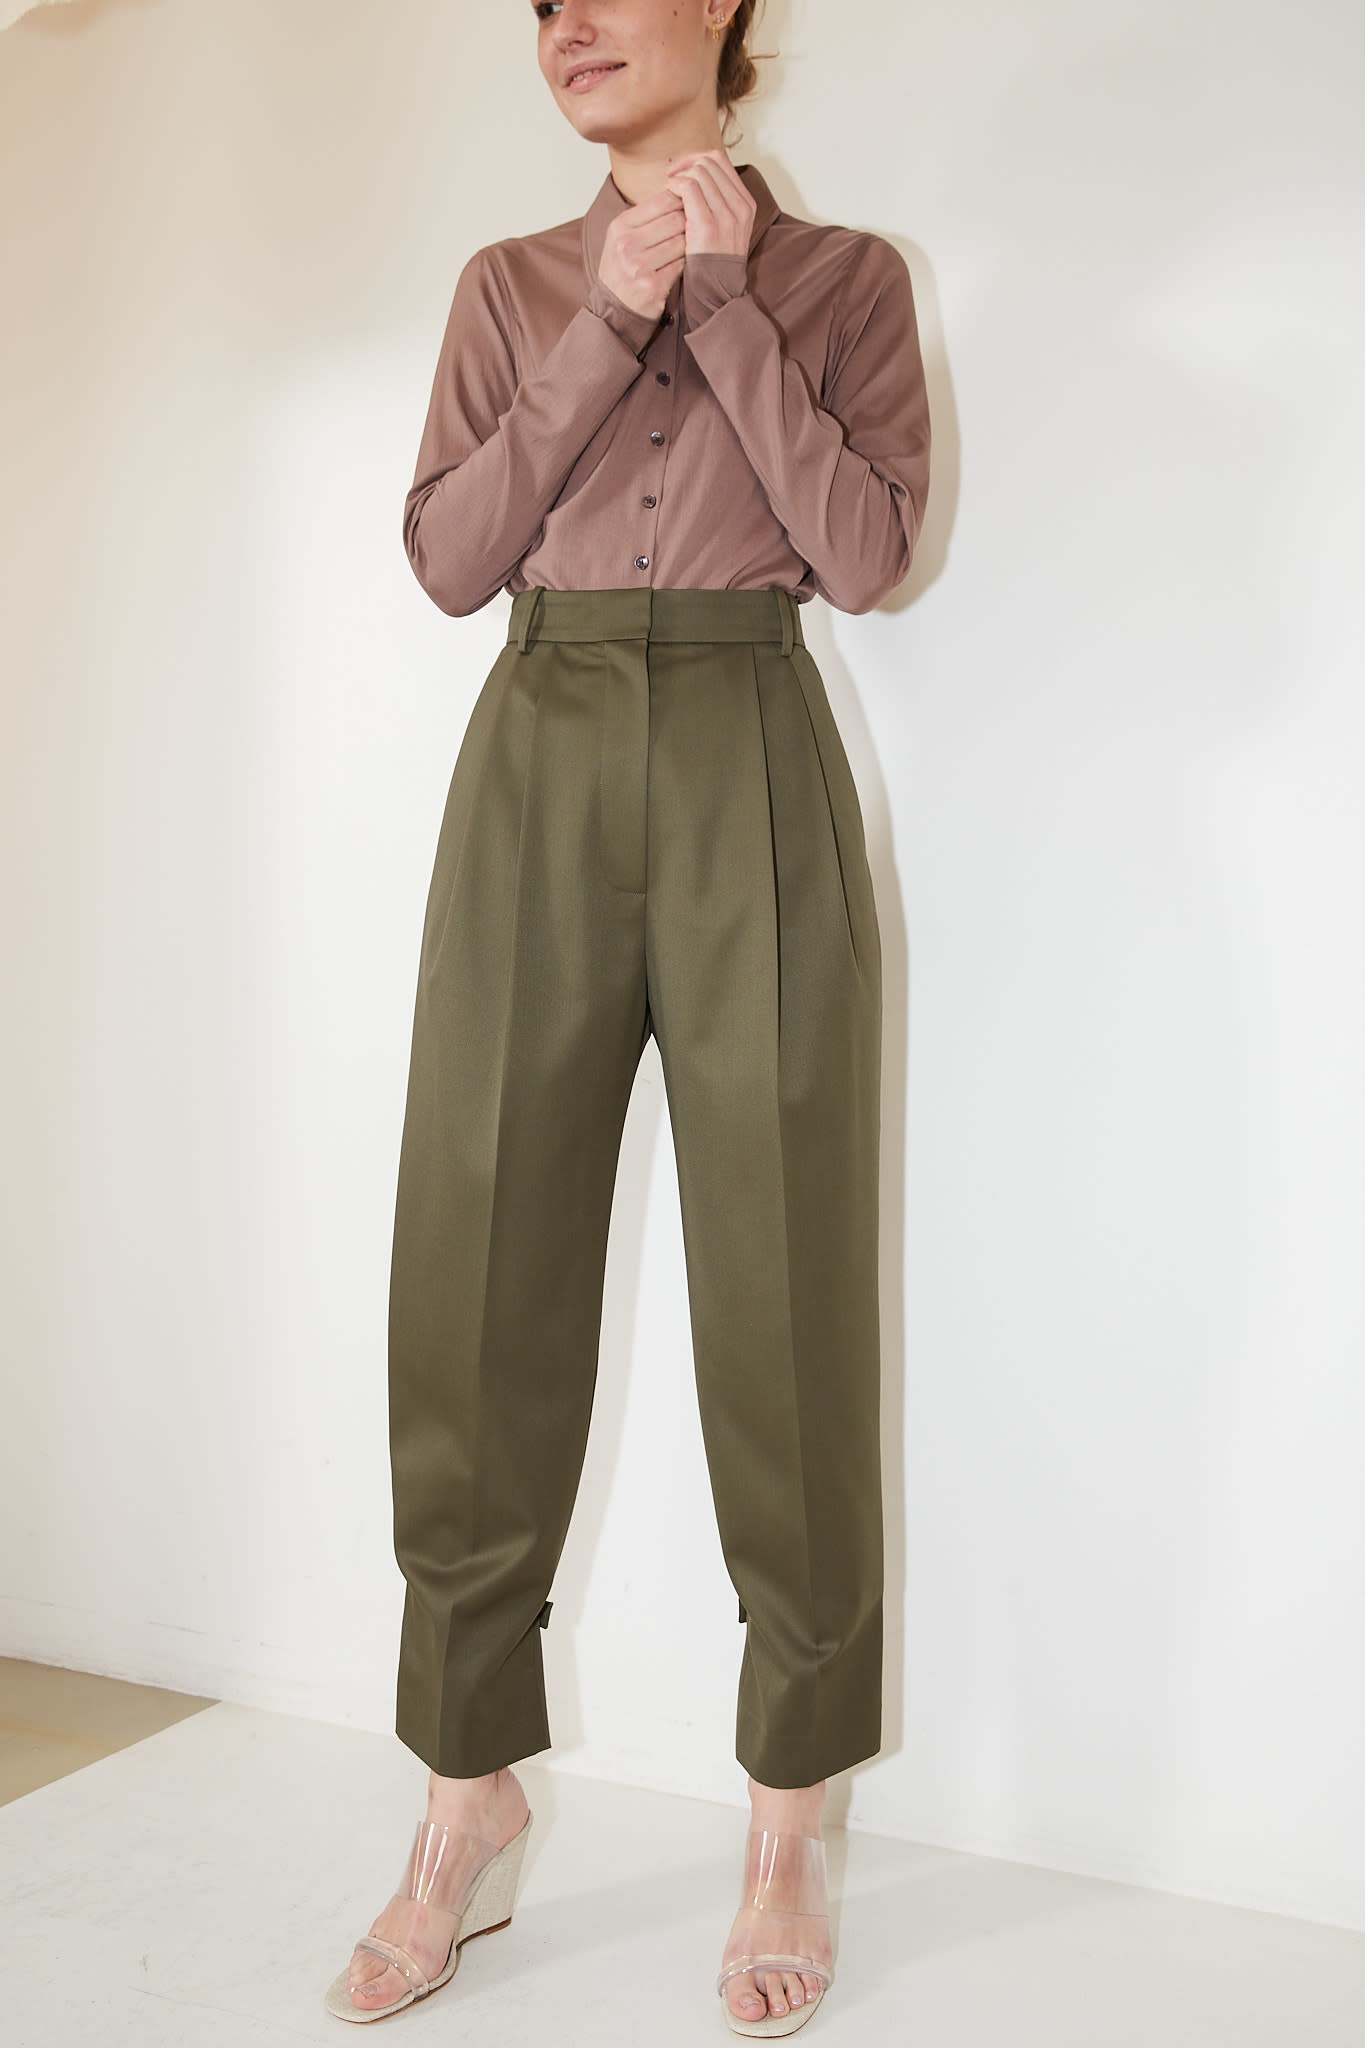 Drae - Boy pants